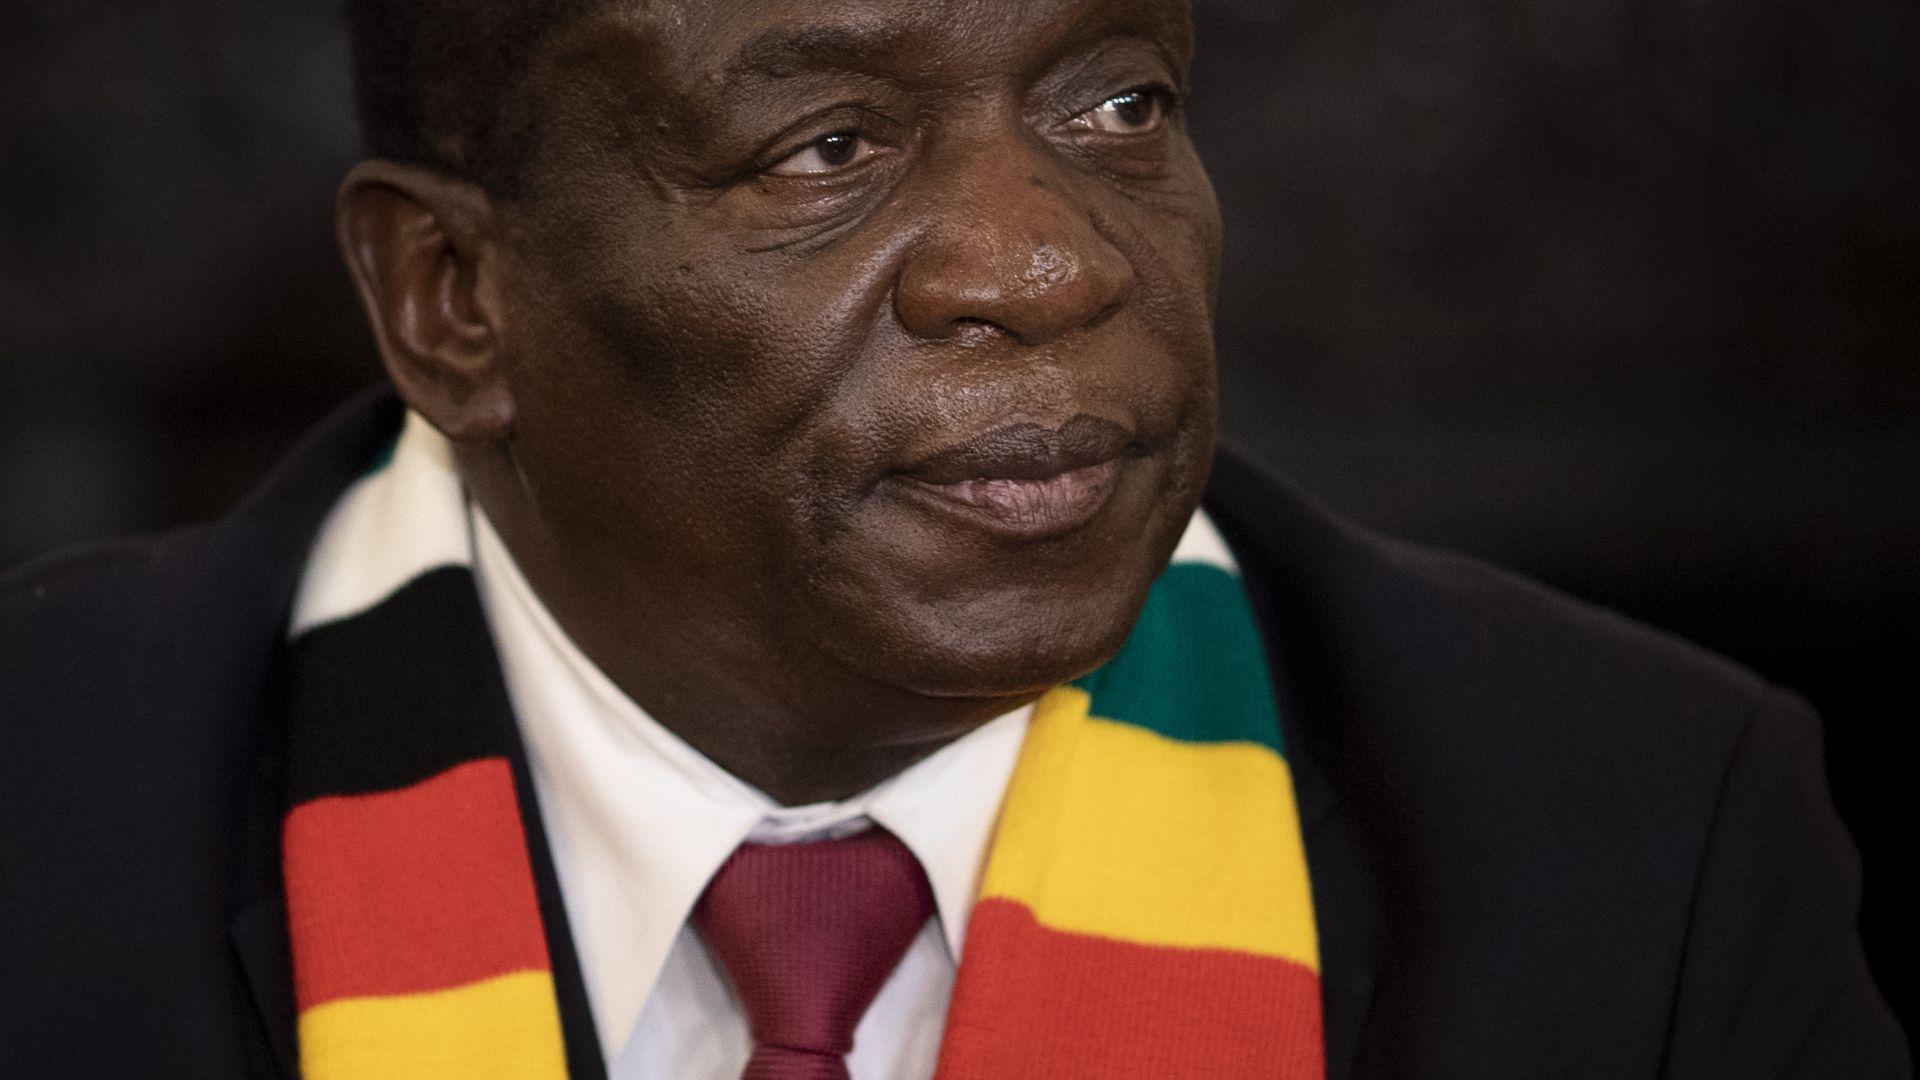 Робърт Мугабе и Западът: от любовта до омразата